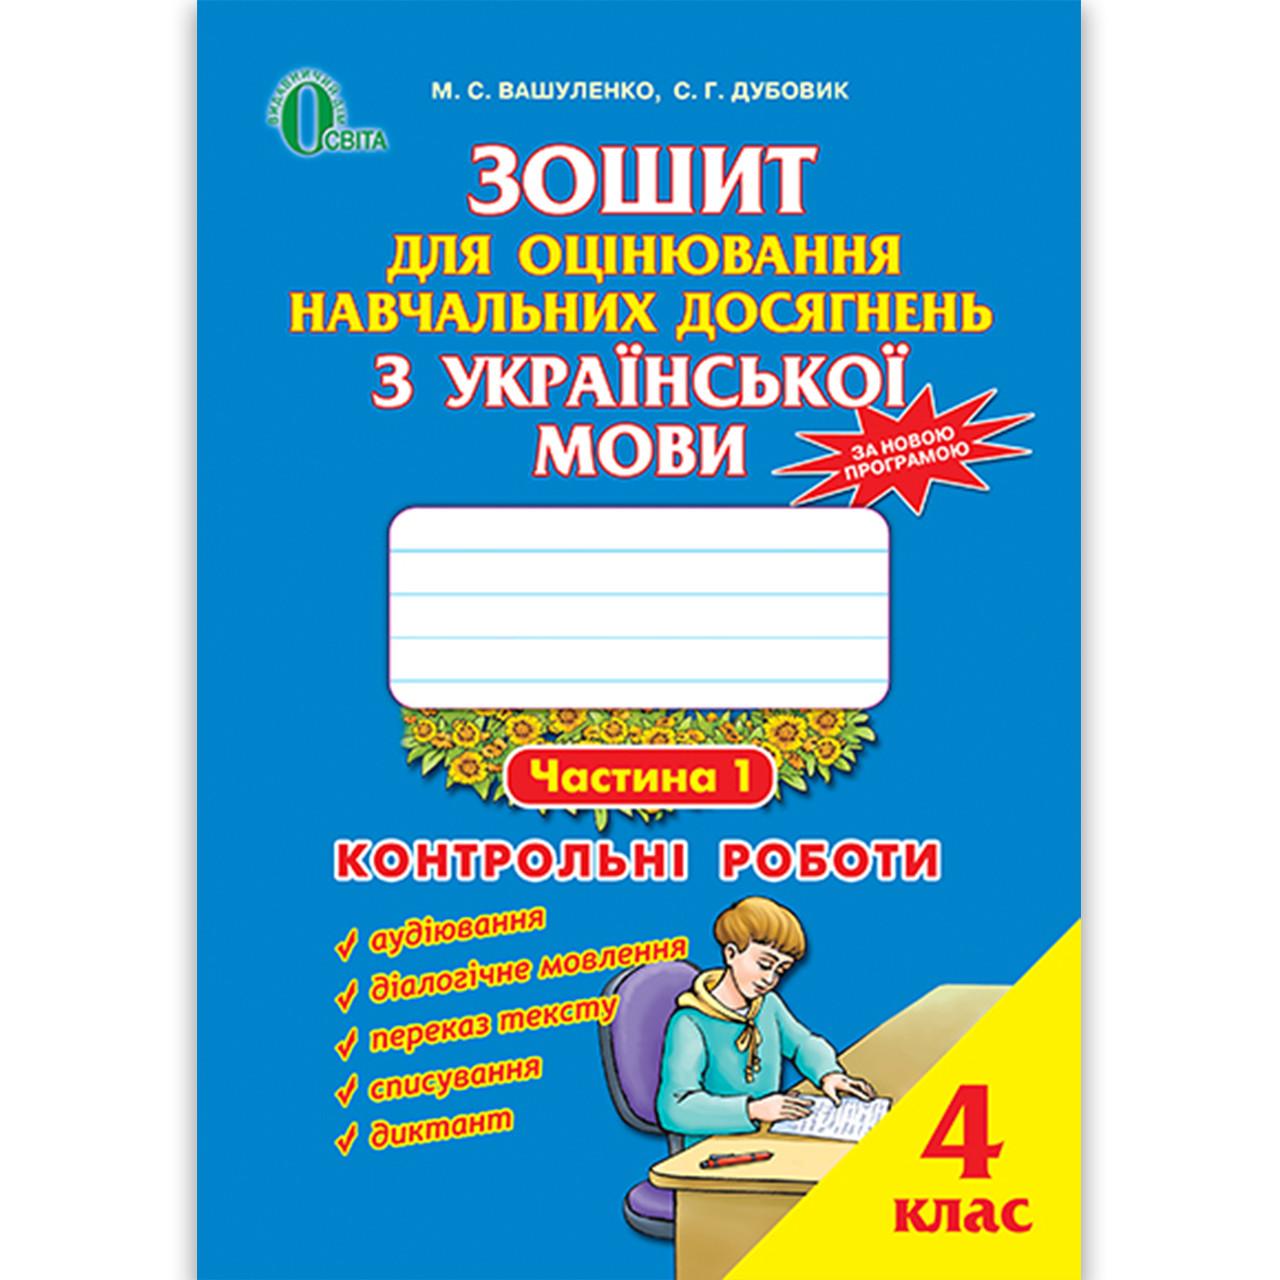 Оцінювання навчальних досягнень Українська мова 4 клас Частина 1 Авт: Вашуленко М. Вид: Освіта